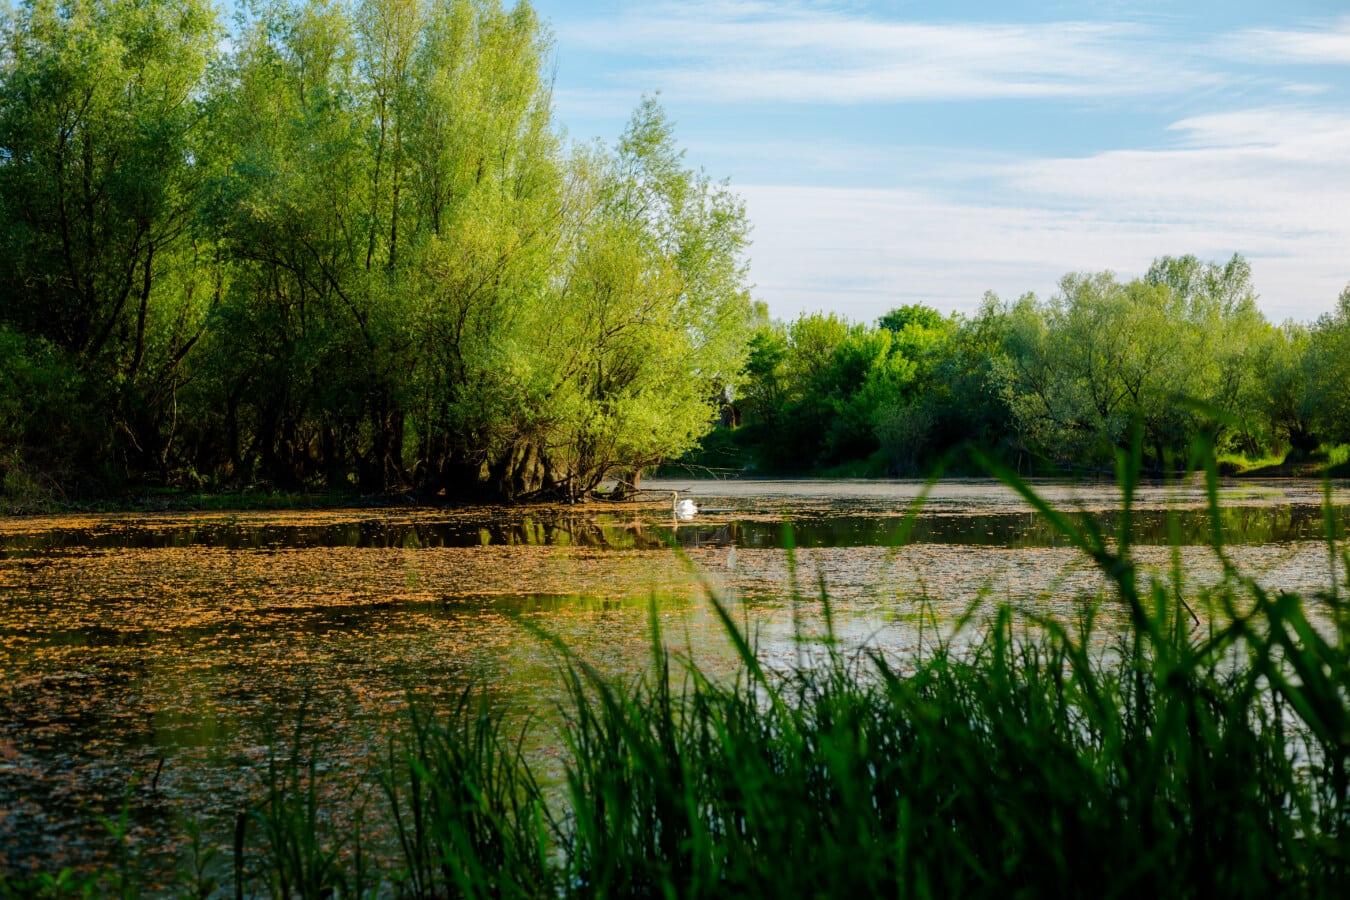 Wasserpflanze, Sumpf, Ökosystem, Natur, Landschaft, majestätisch, Struktur, See, Wasser, Wald